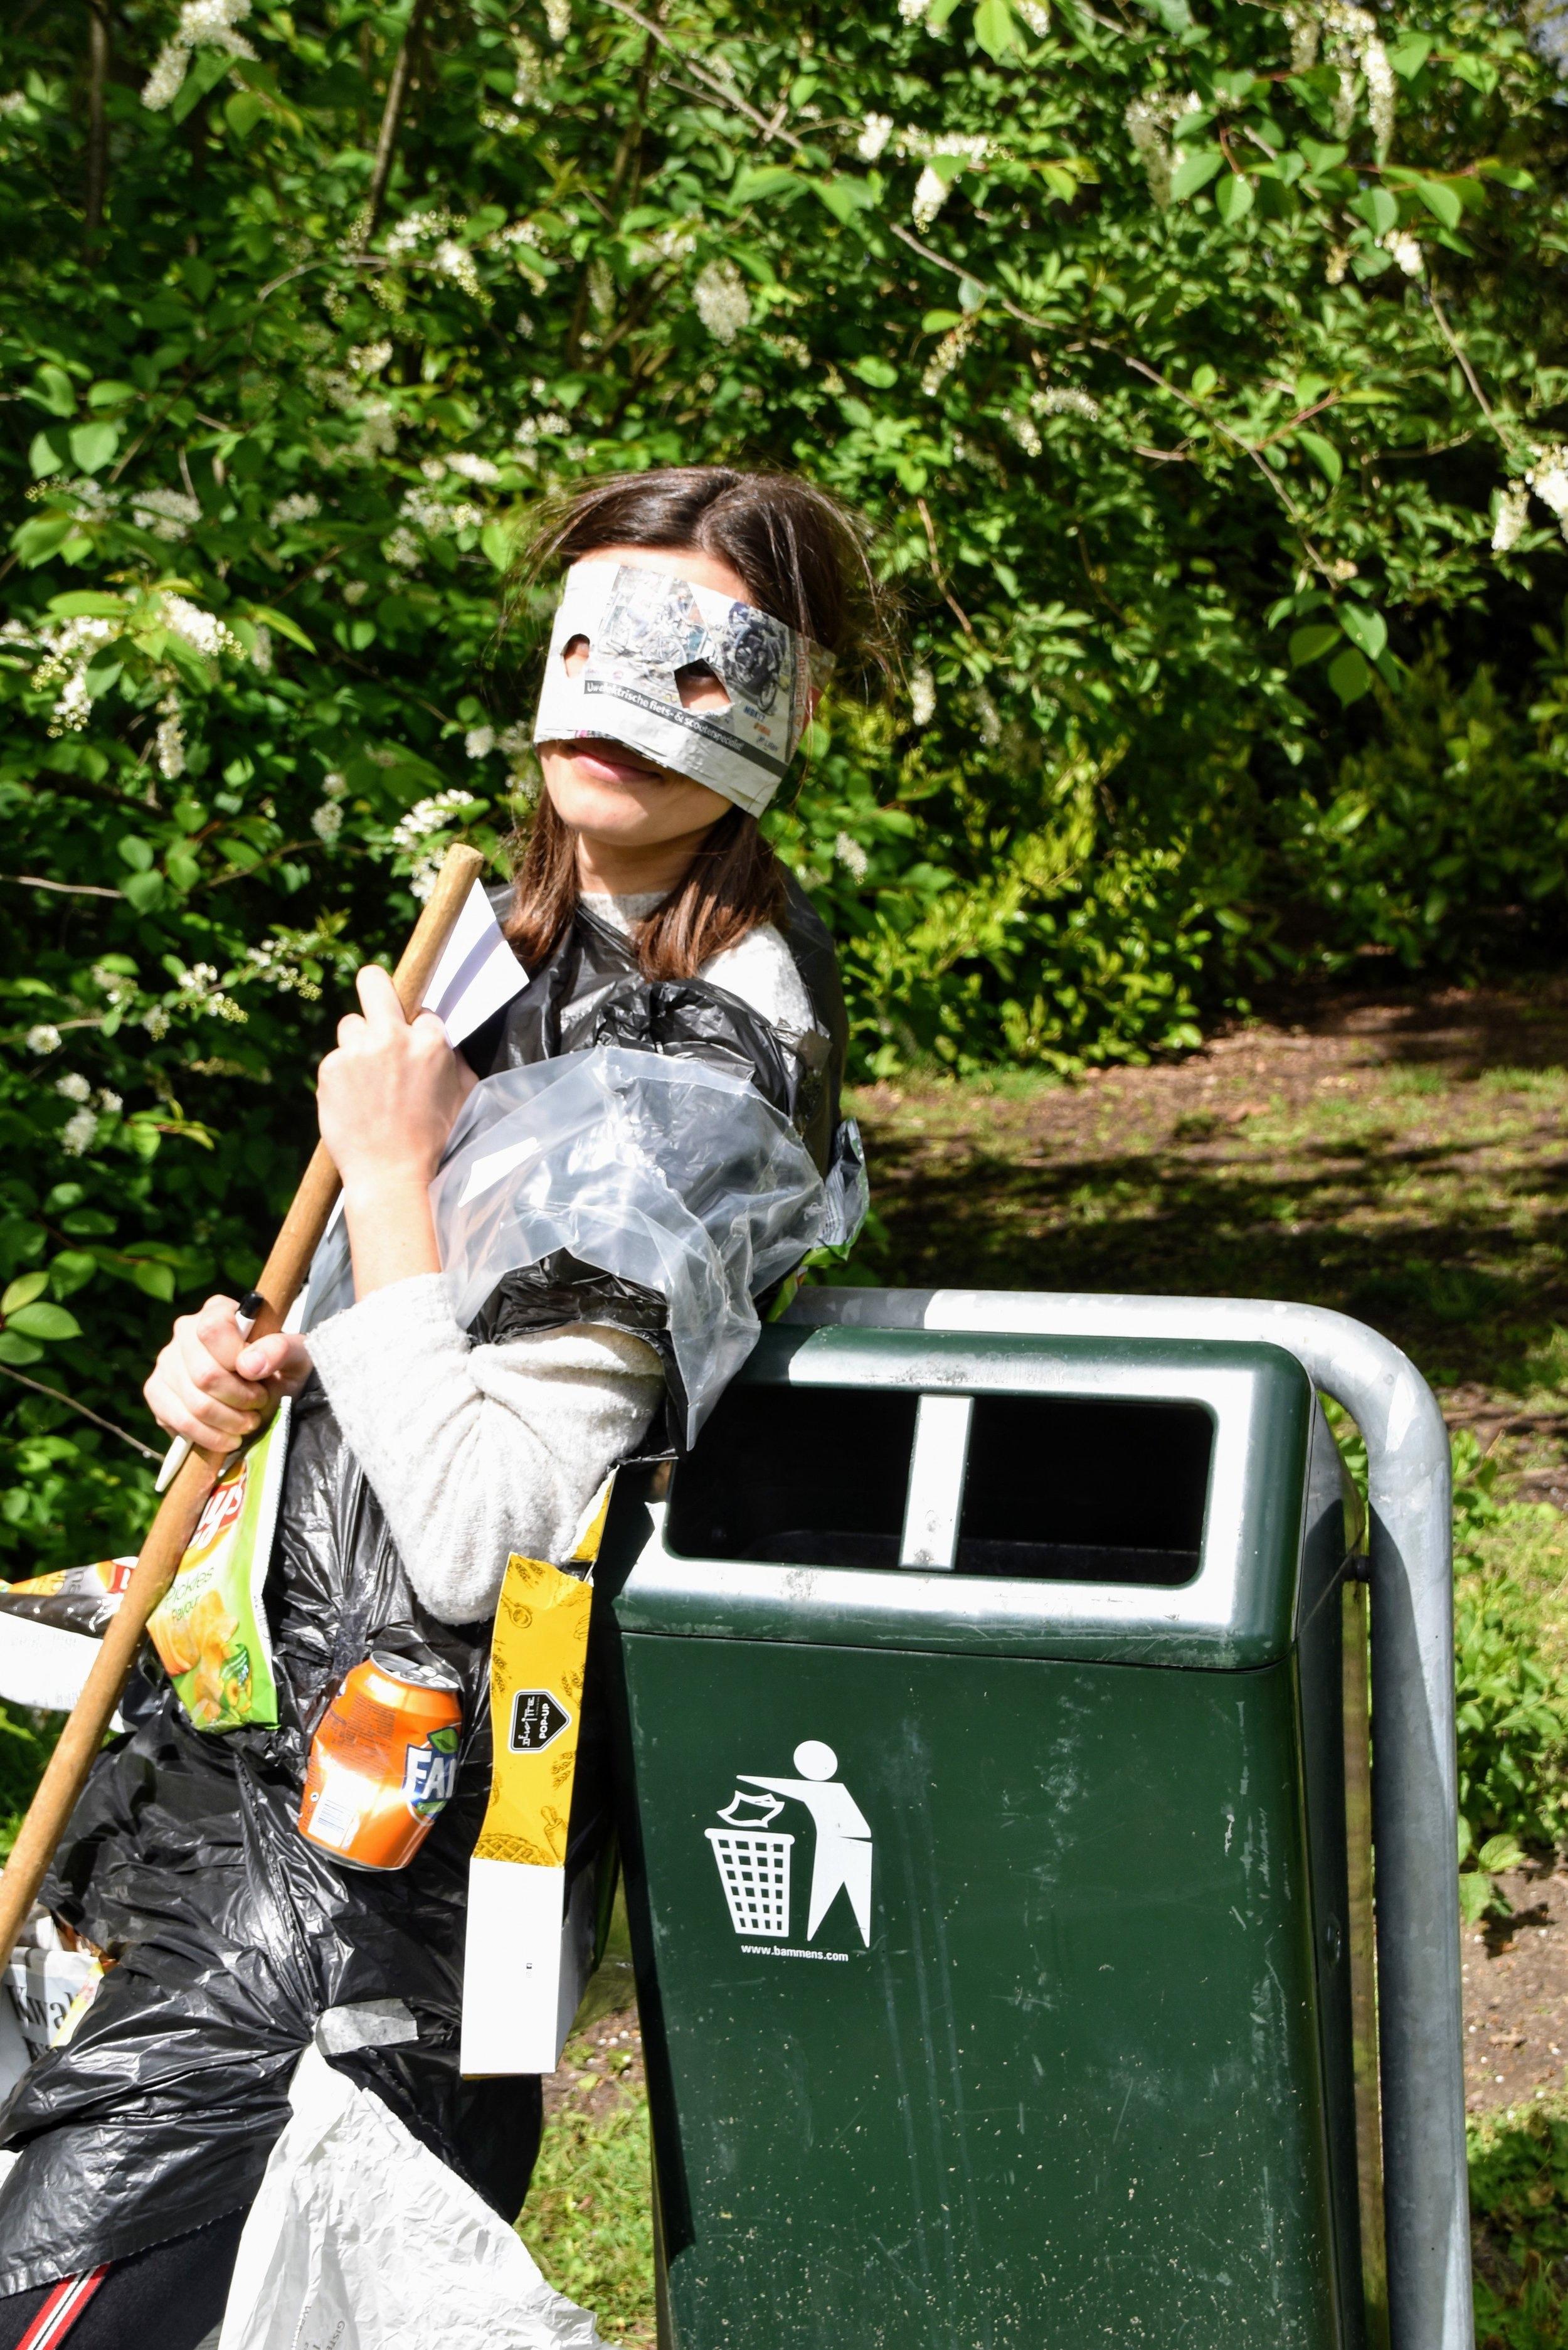 We kregen bezoek van Afvalvrouw, - geen dieetsite, maar een trieste dame die genoeg had van al het afval dat naast de vuilbaken belandde.